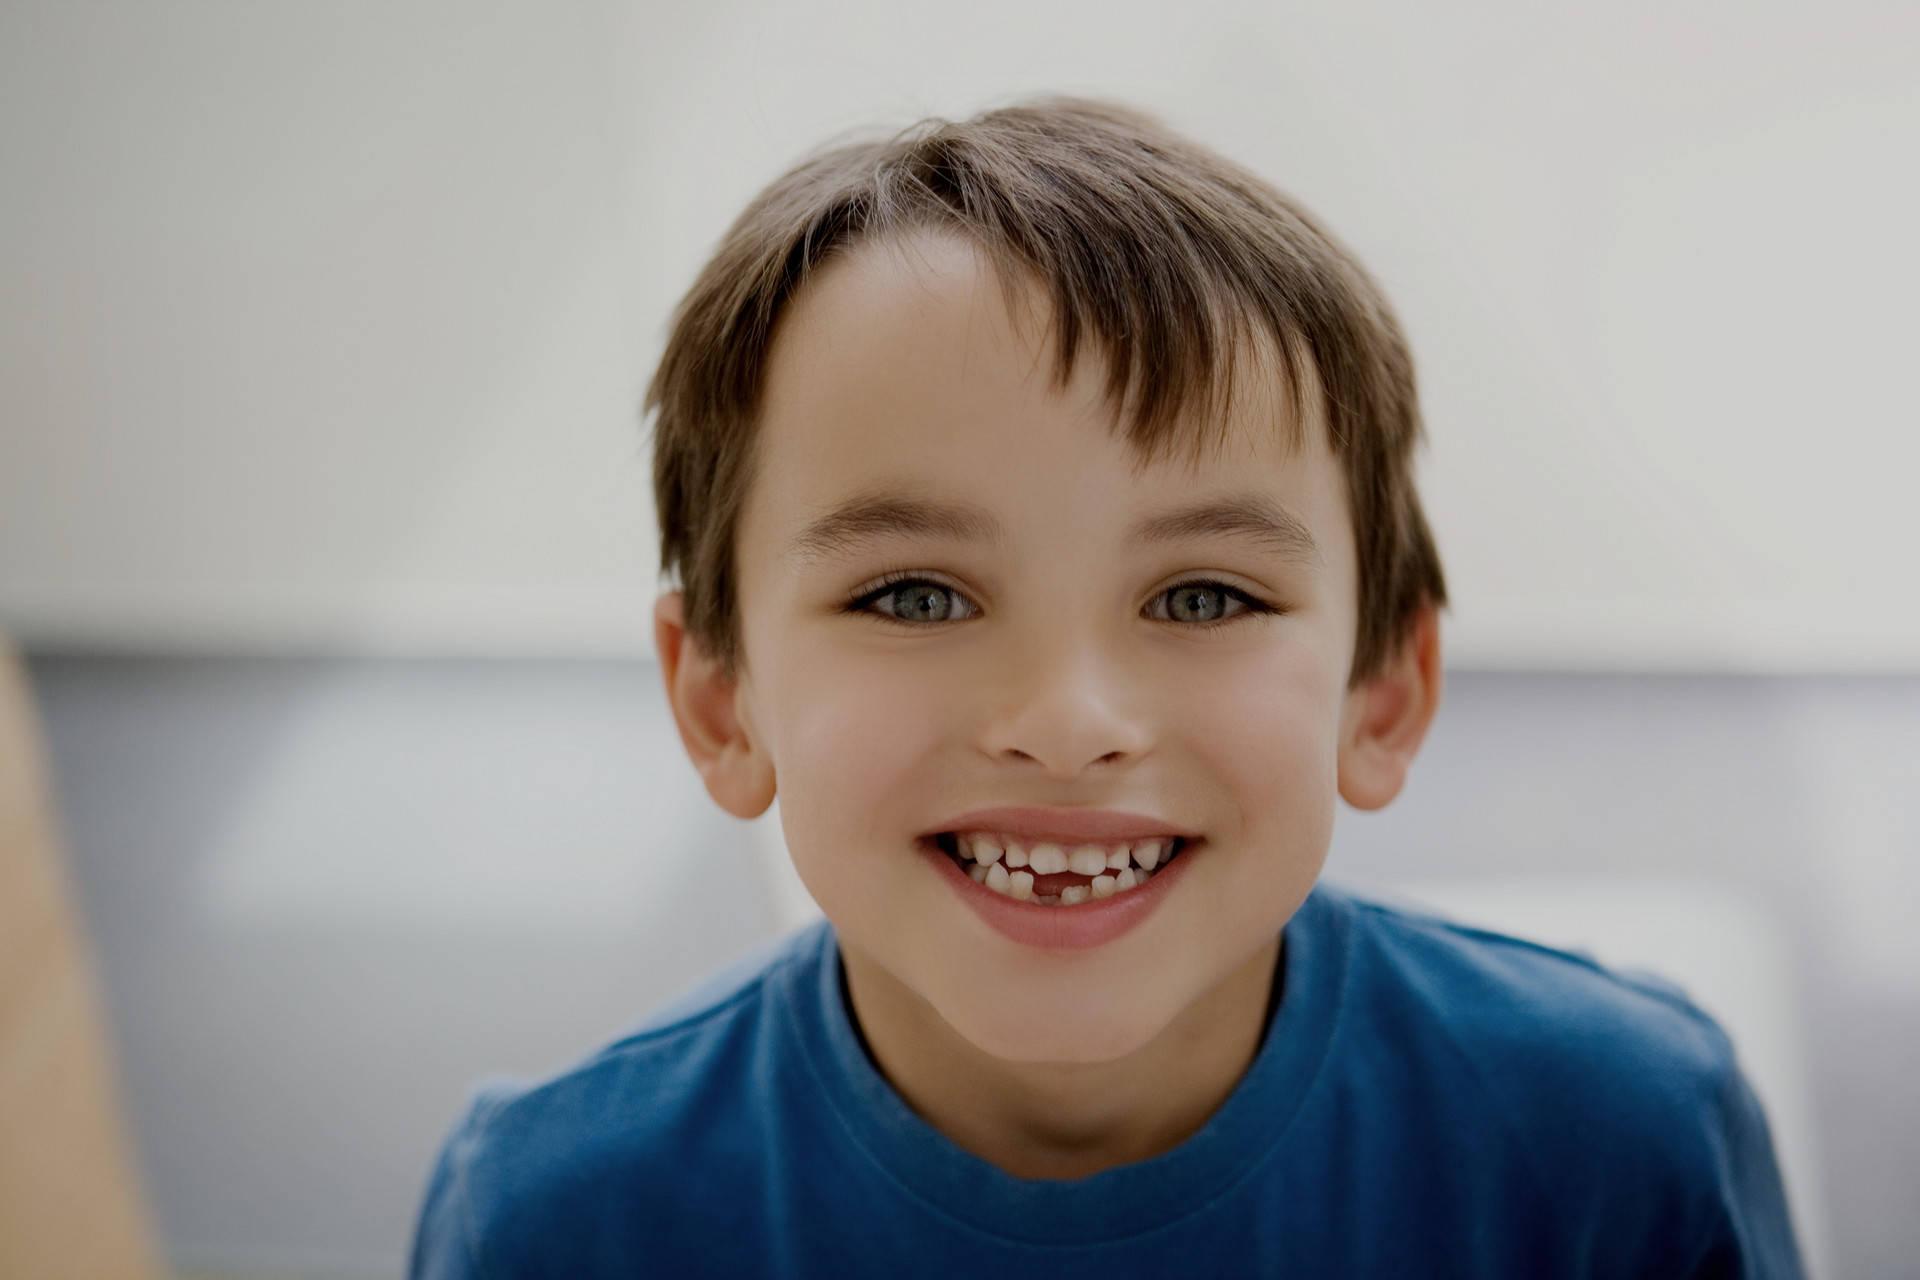 乳牙坏了不用补?龋齿影响孩子颜值,让孩子自卑,家长别不在意